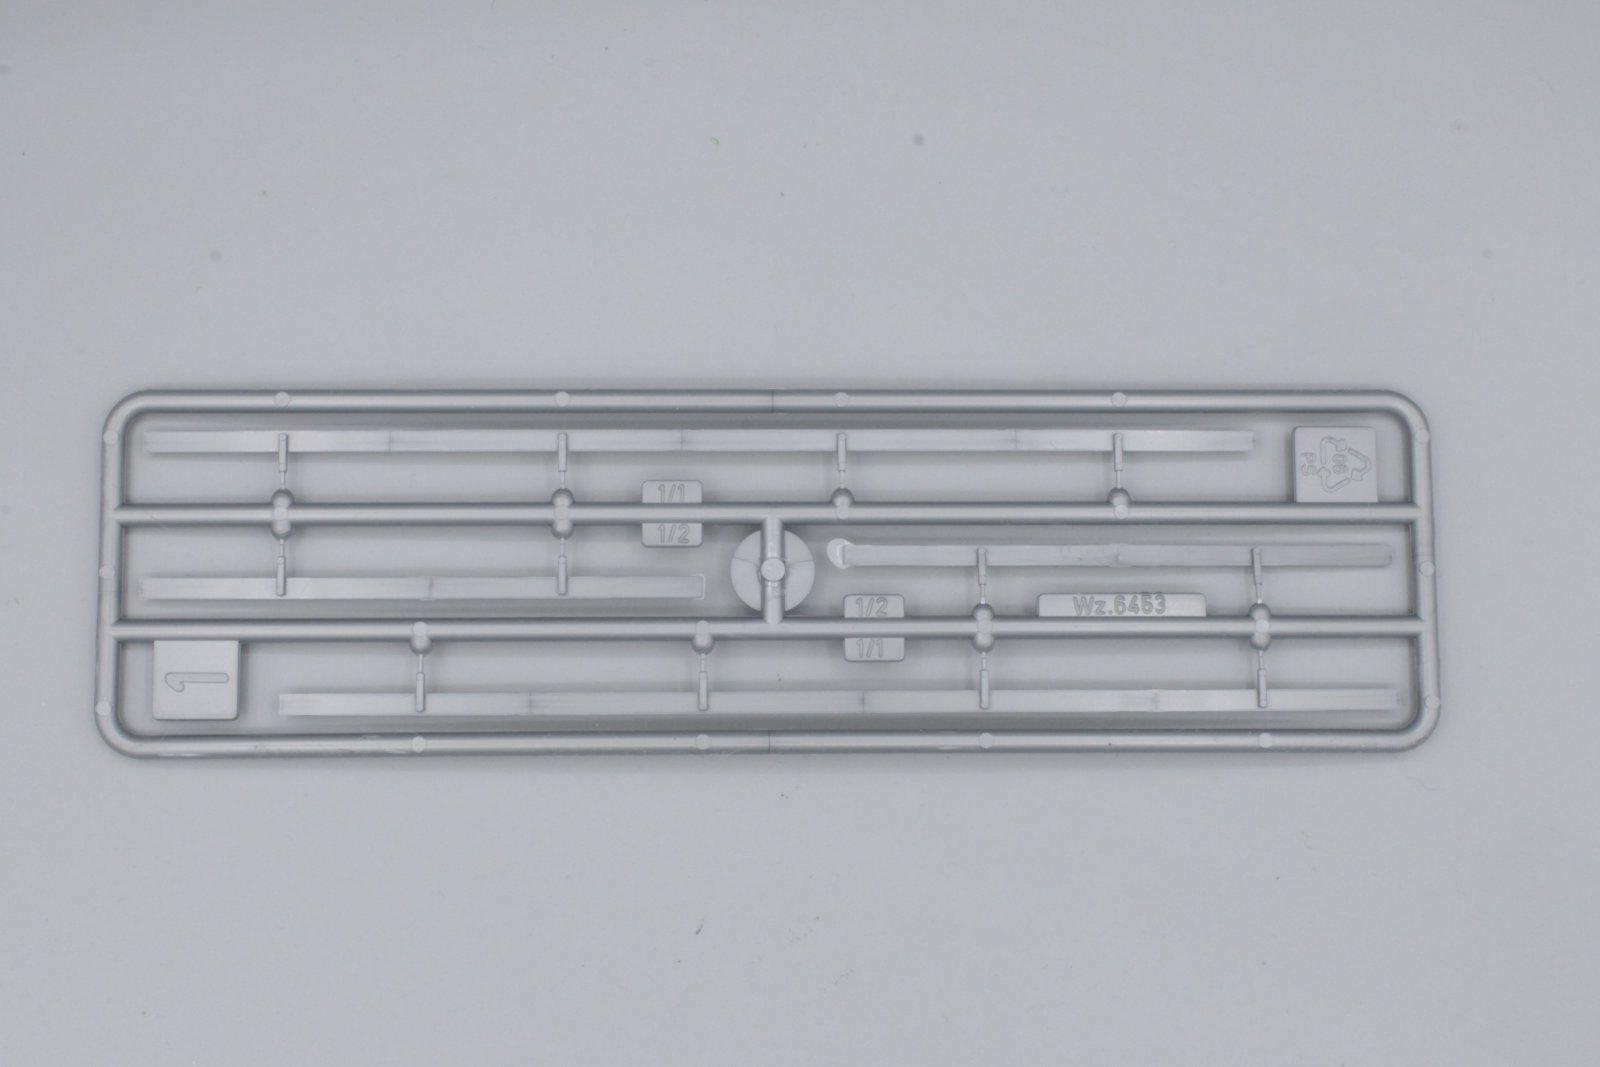 Faller 180535 Leitplanken und Begrenzungspfähle neu - aus Startset